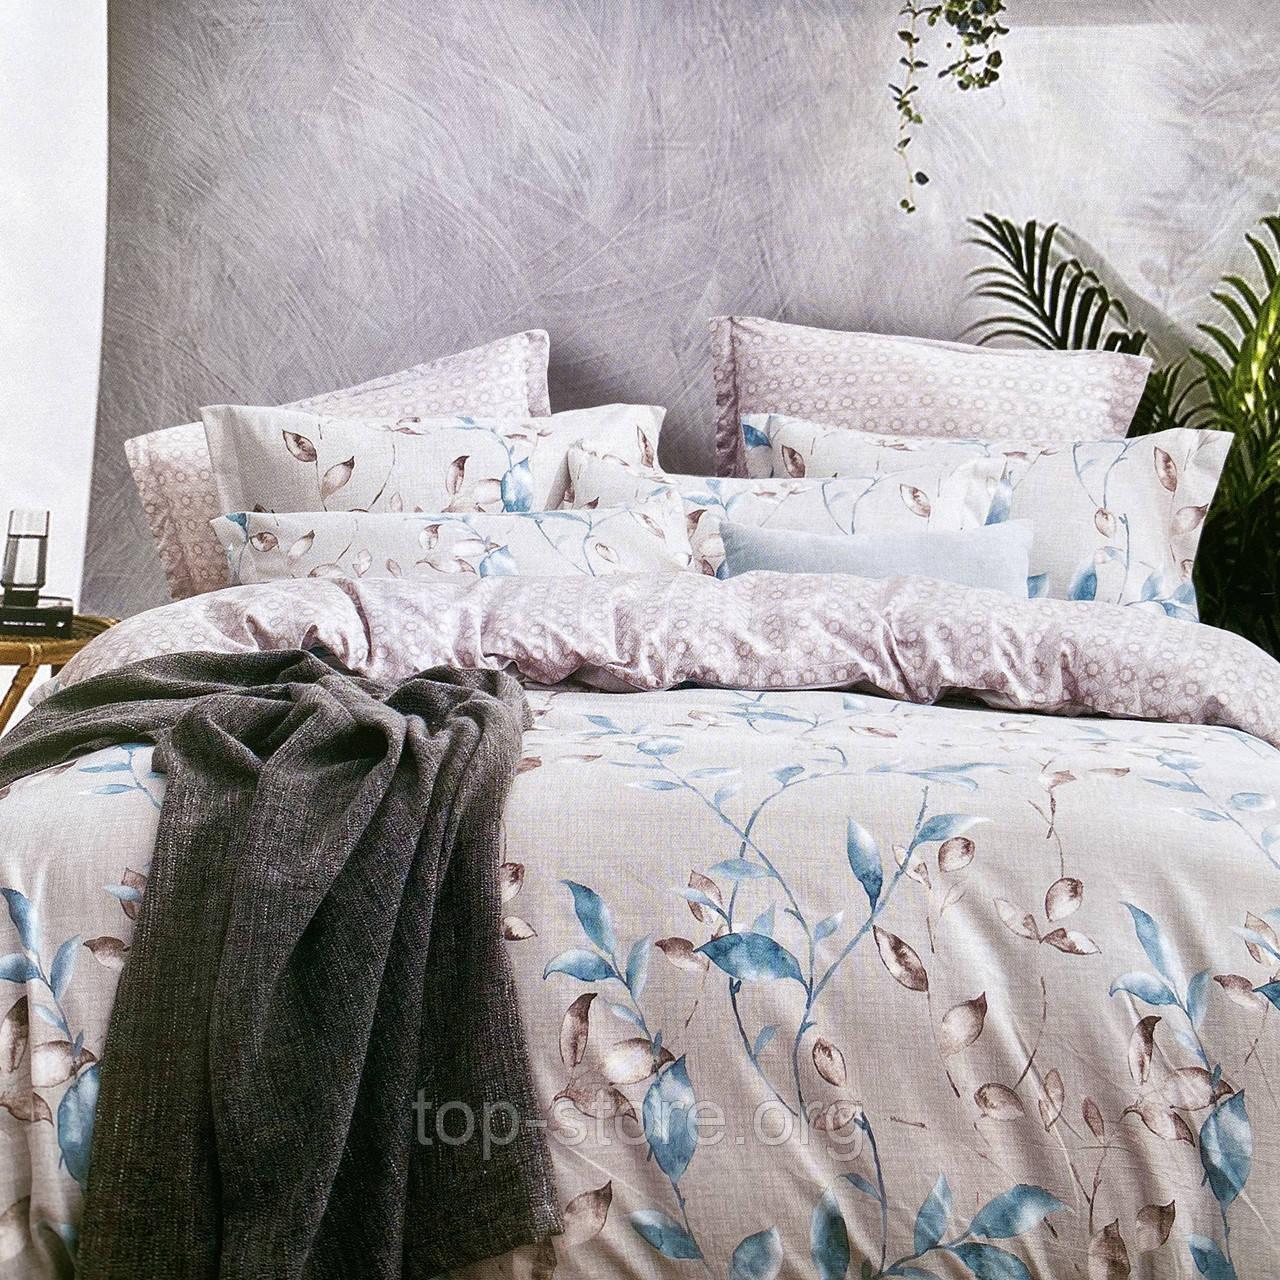 Комплект постельного белья | Постельное белье Фланель ( Байка) Размер Полуторный